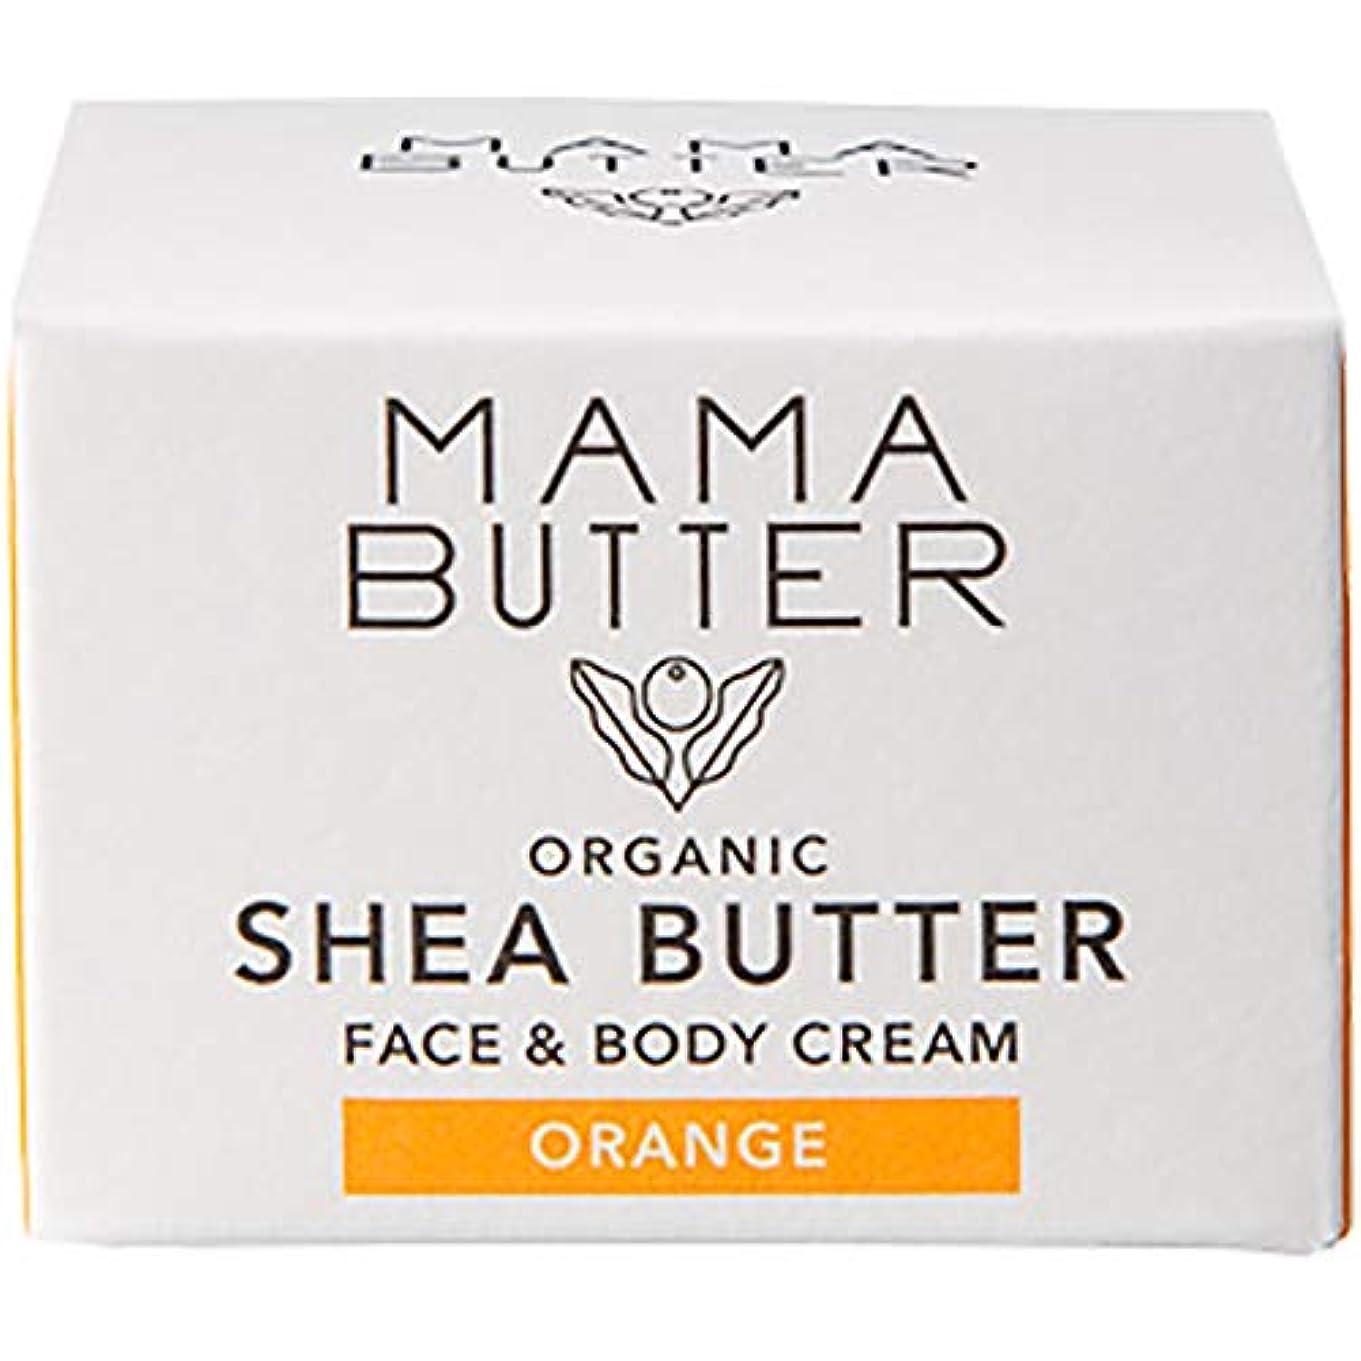 補体制限する精神的にMAMA BUTTER(ママバター) フェイス&ボディクリーム25g オレンジ